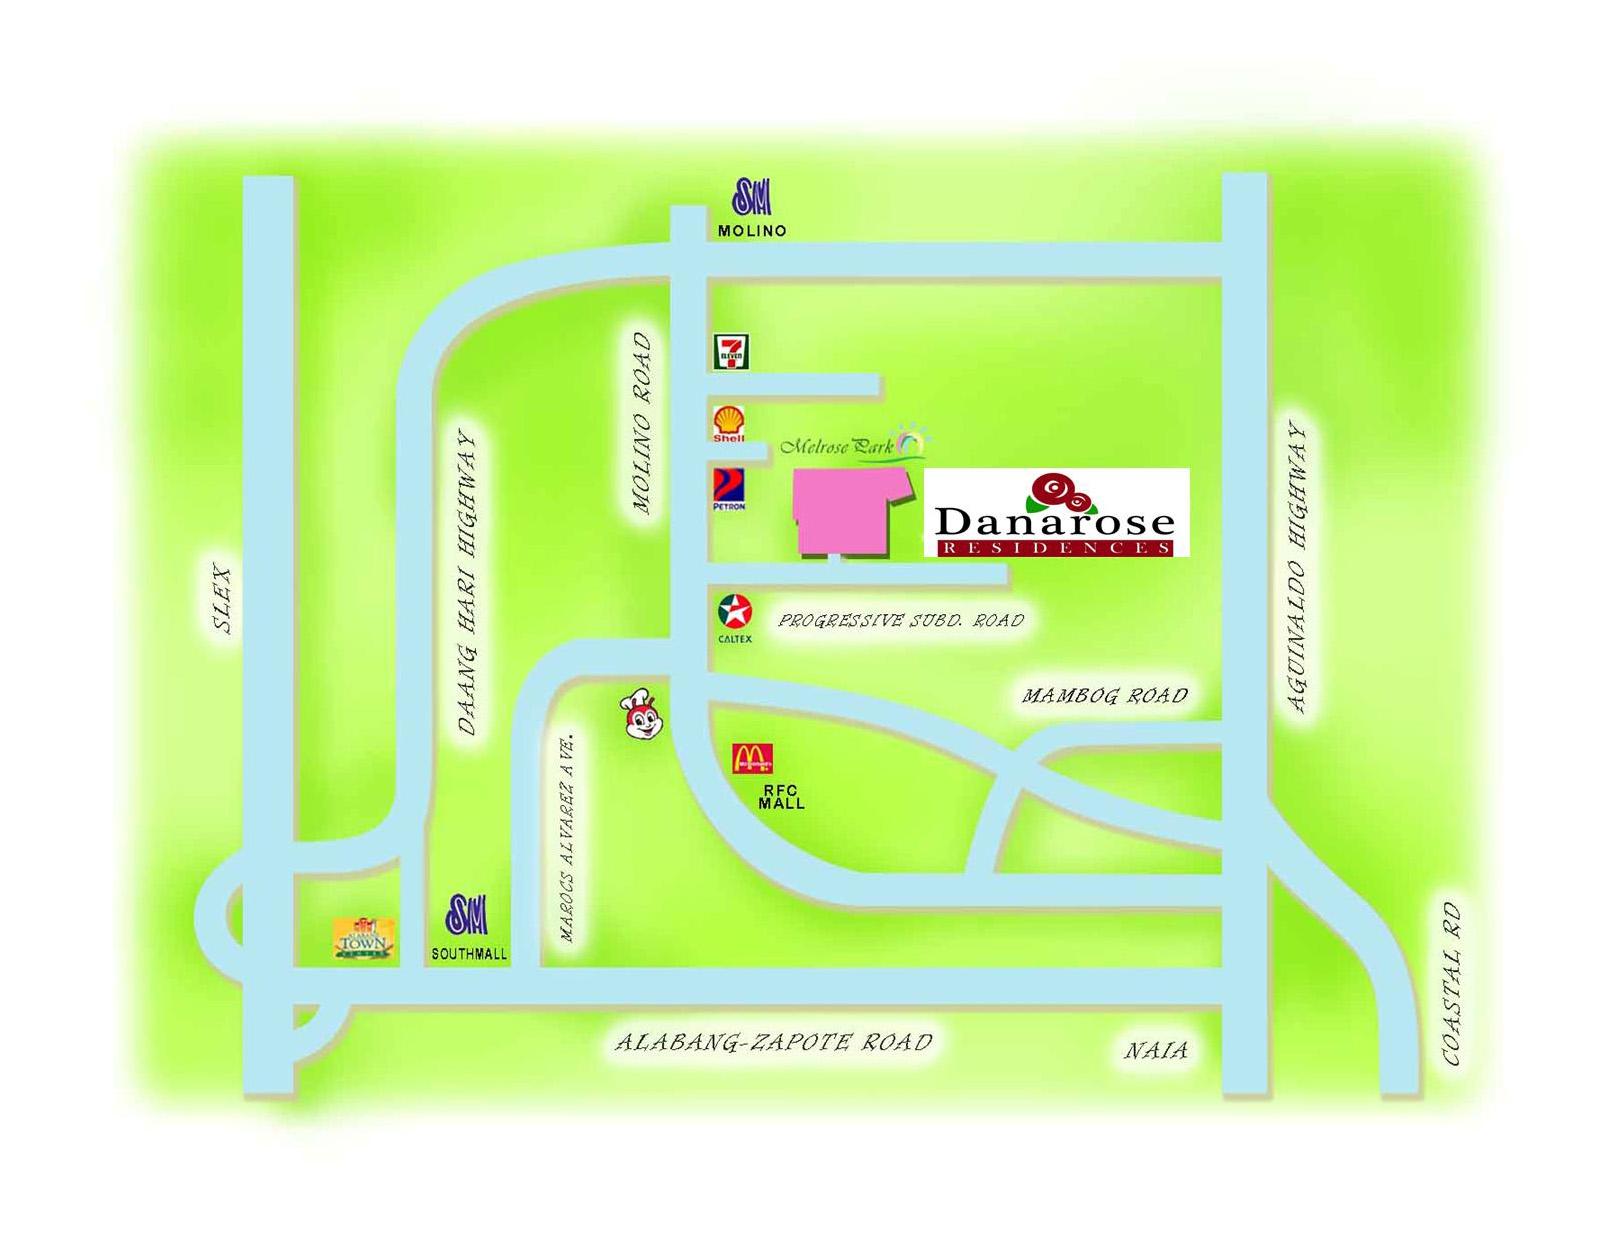 Danarose Residences - Location & Vicinity